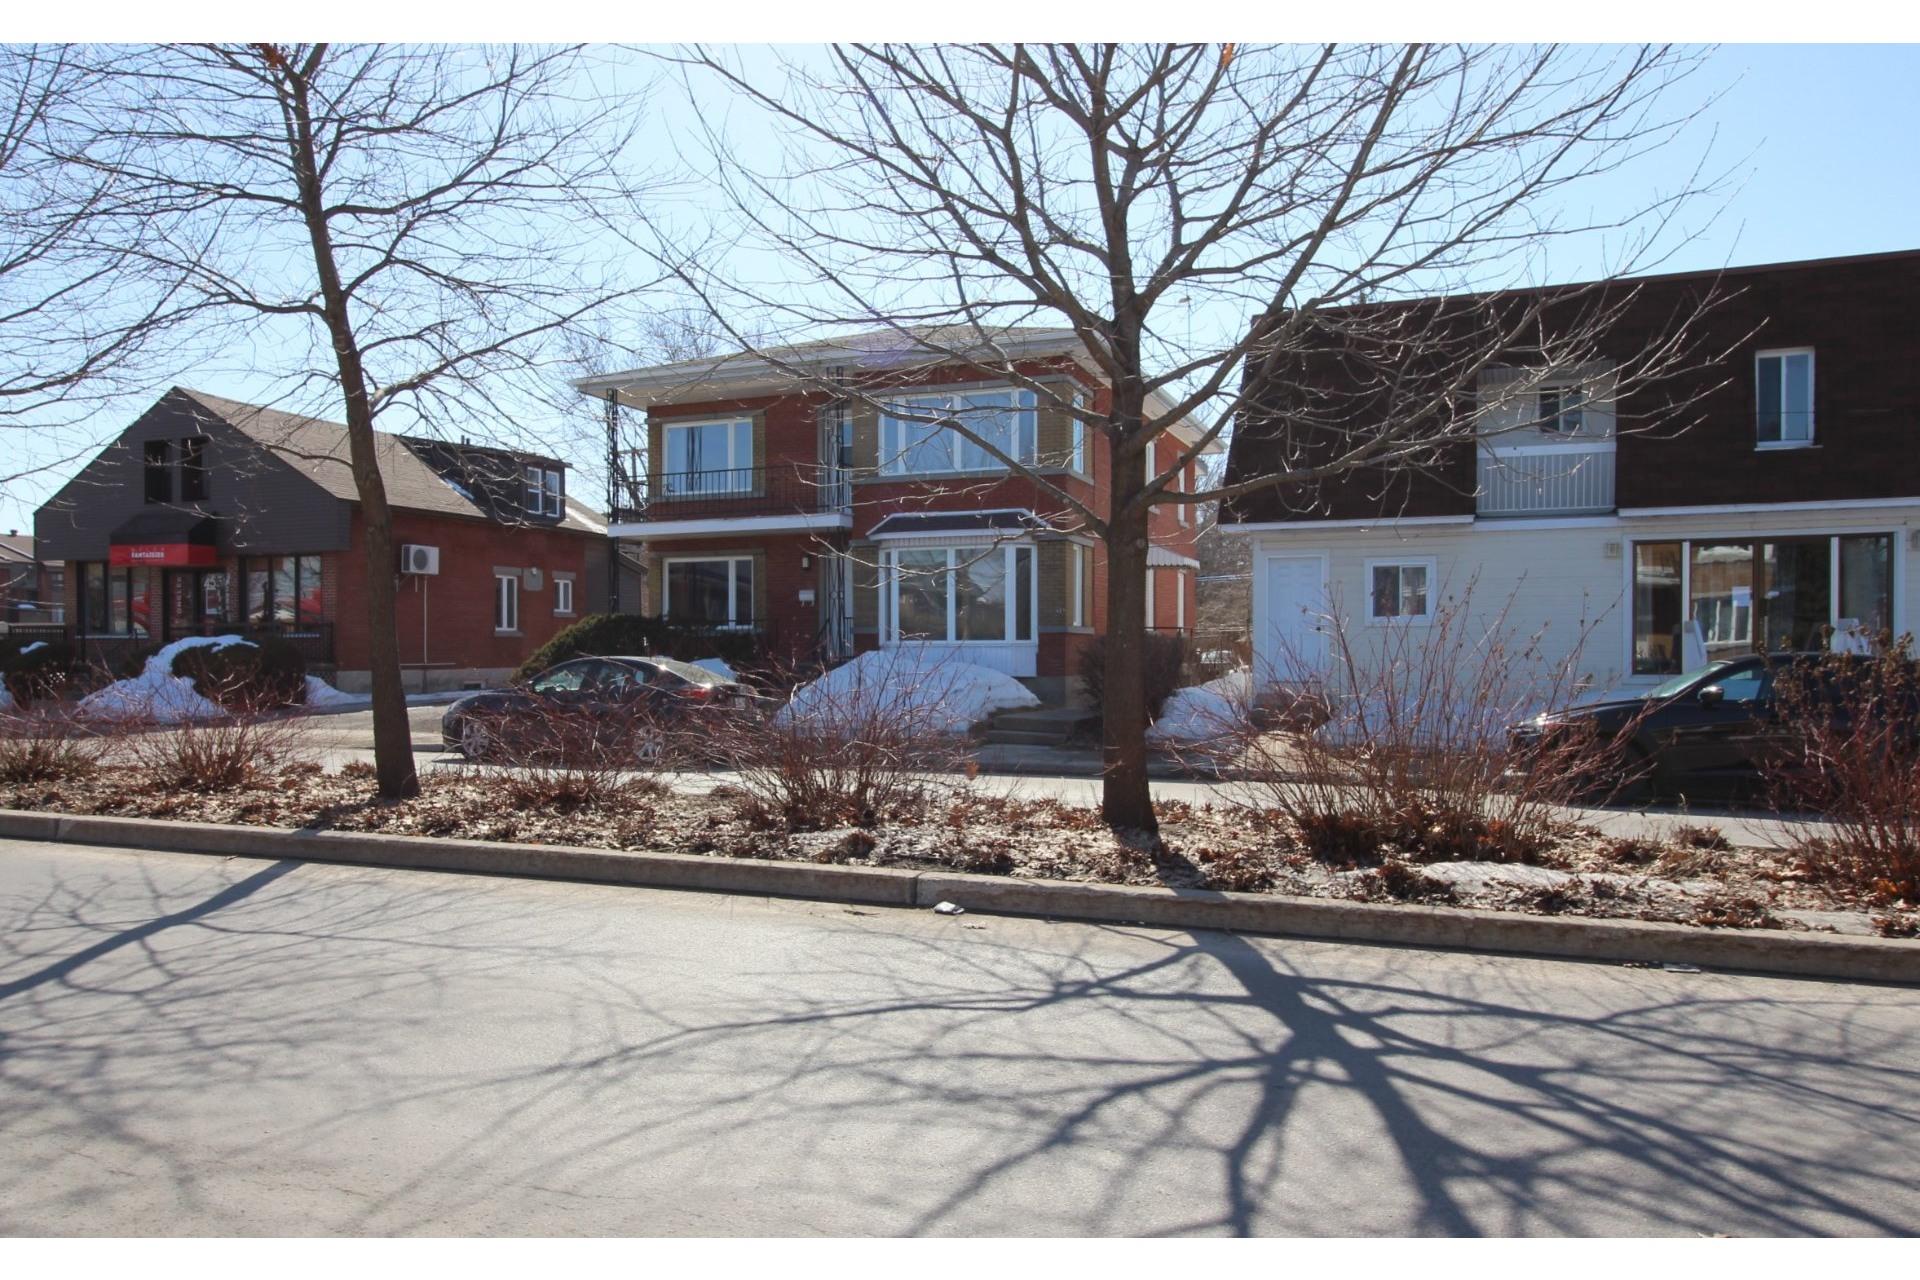 image 38 - Duplex For sale Joliette - 5 rooms